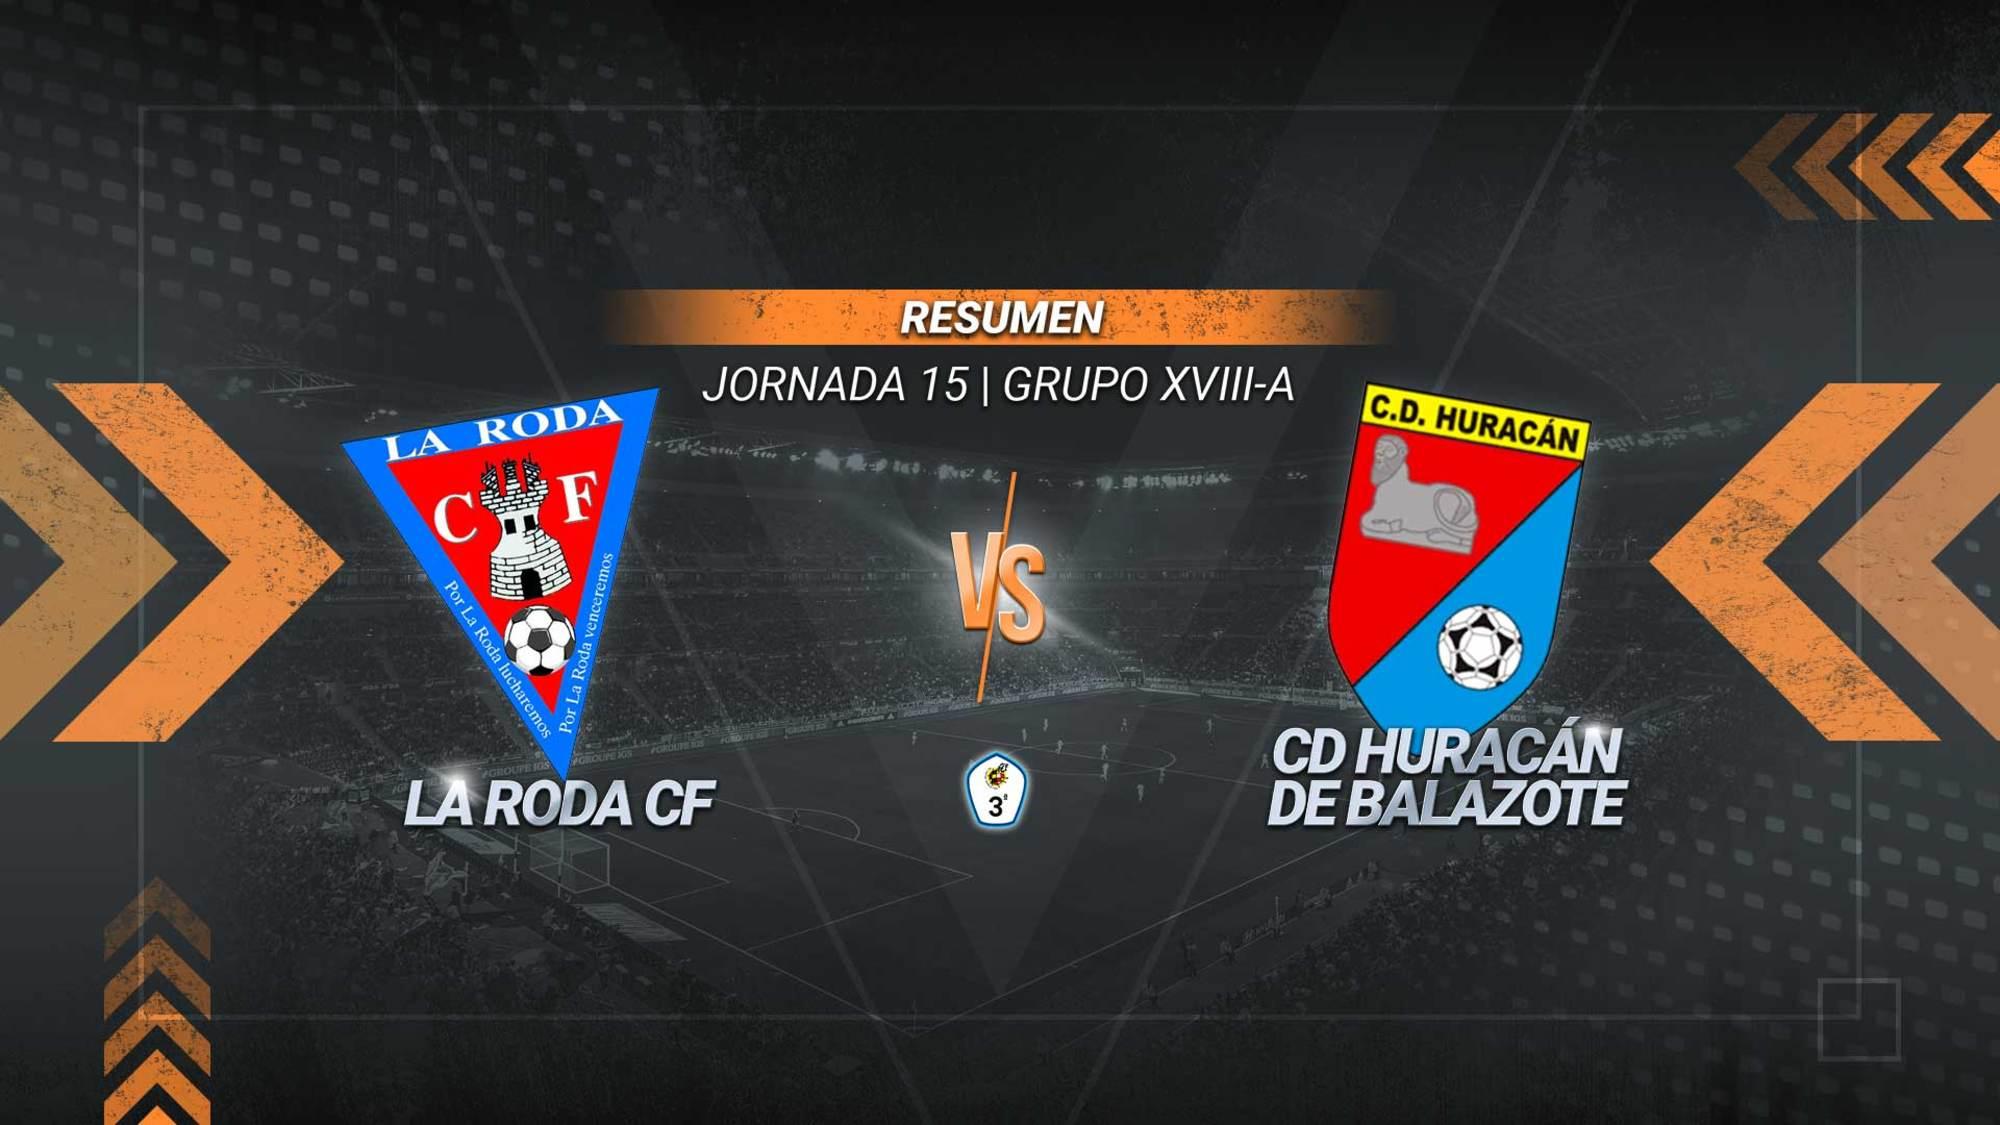 La Roda sigue intratable en casa y se reafirma en la tercera plaza. Un gol de José Garre supone la sexta victoria en seis partidos para los rodenses en el Municipal. El Huracán se queda sexto con 15.